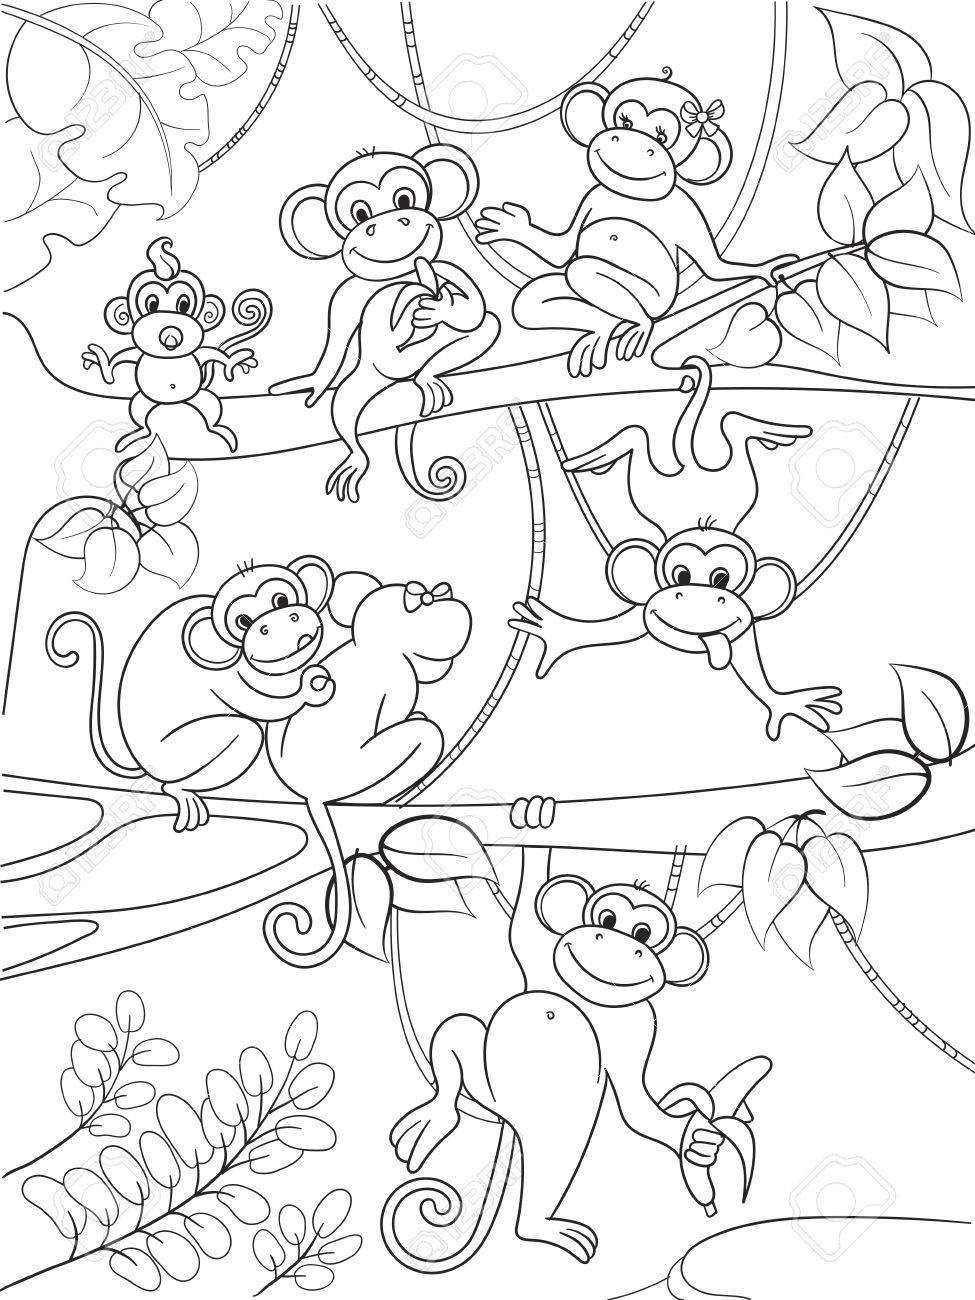 Familia De Monos En Un árbol Libro Para Colorear Para Niños Ilustración Vectorial De Dibujos Animados